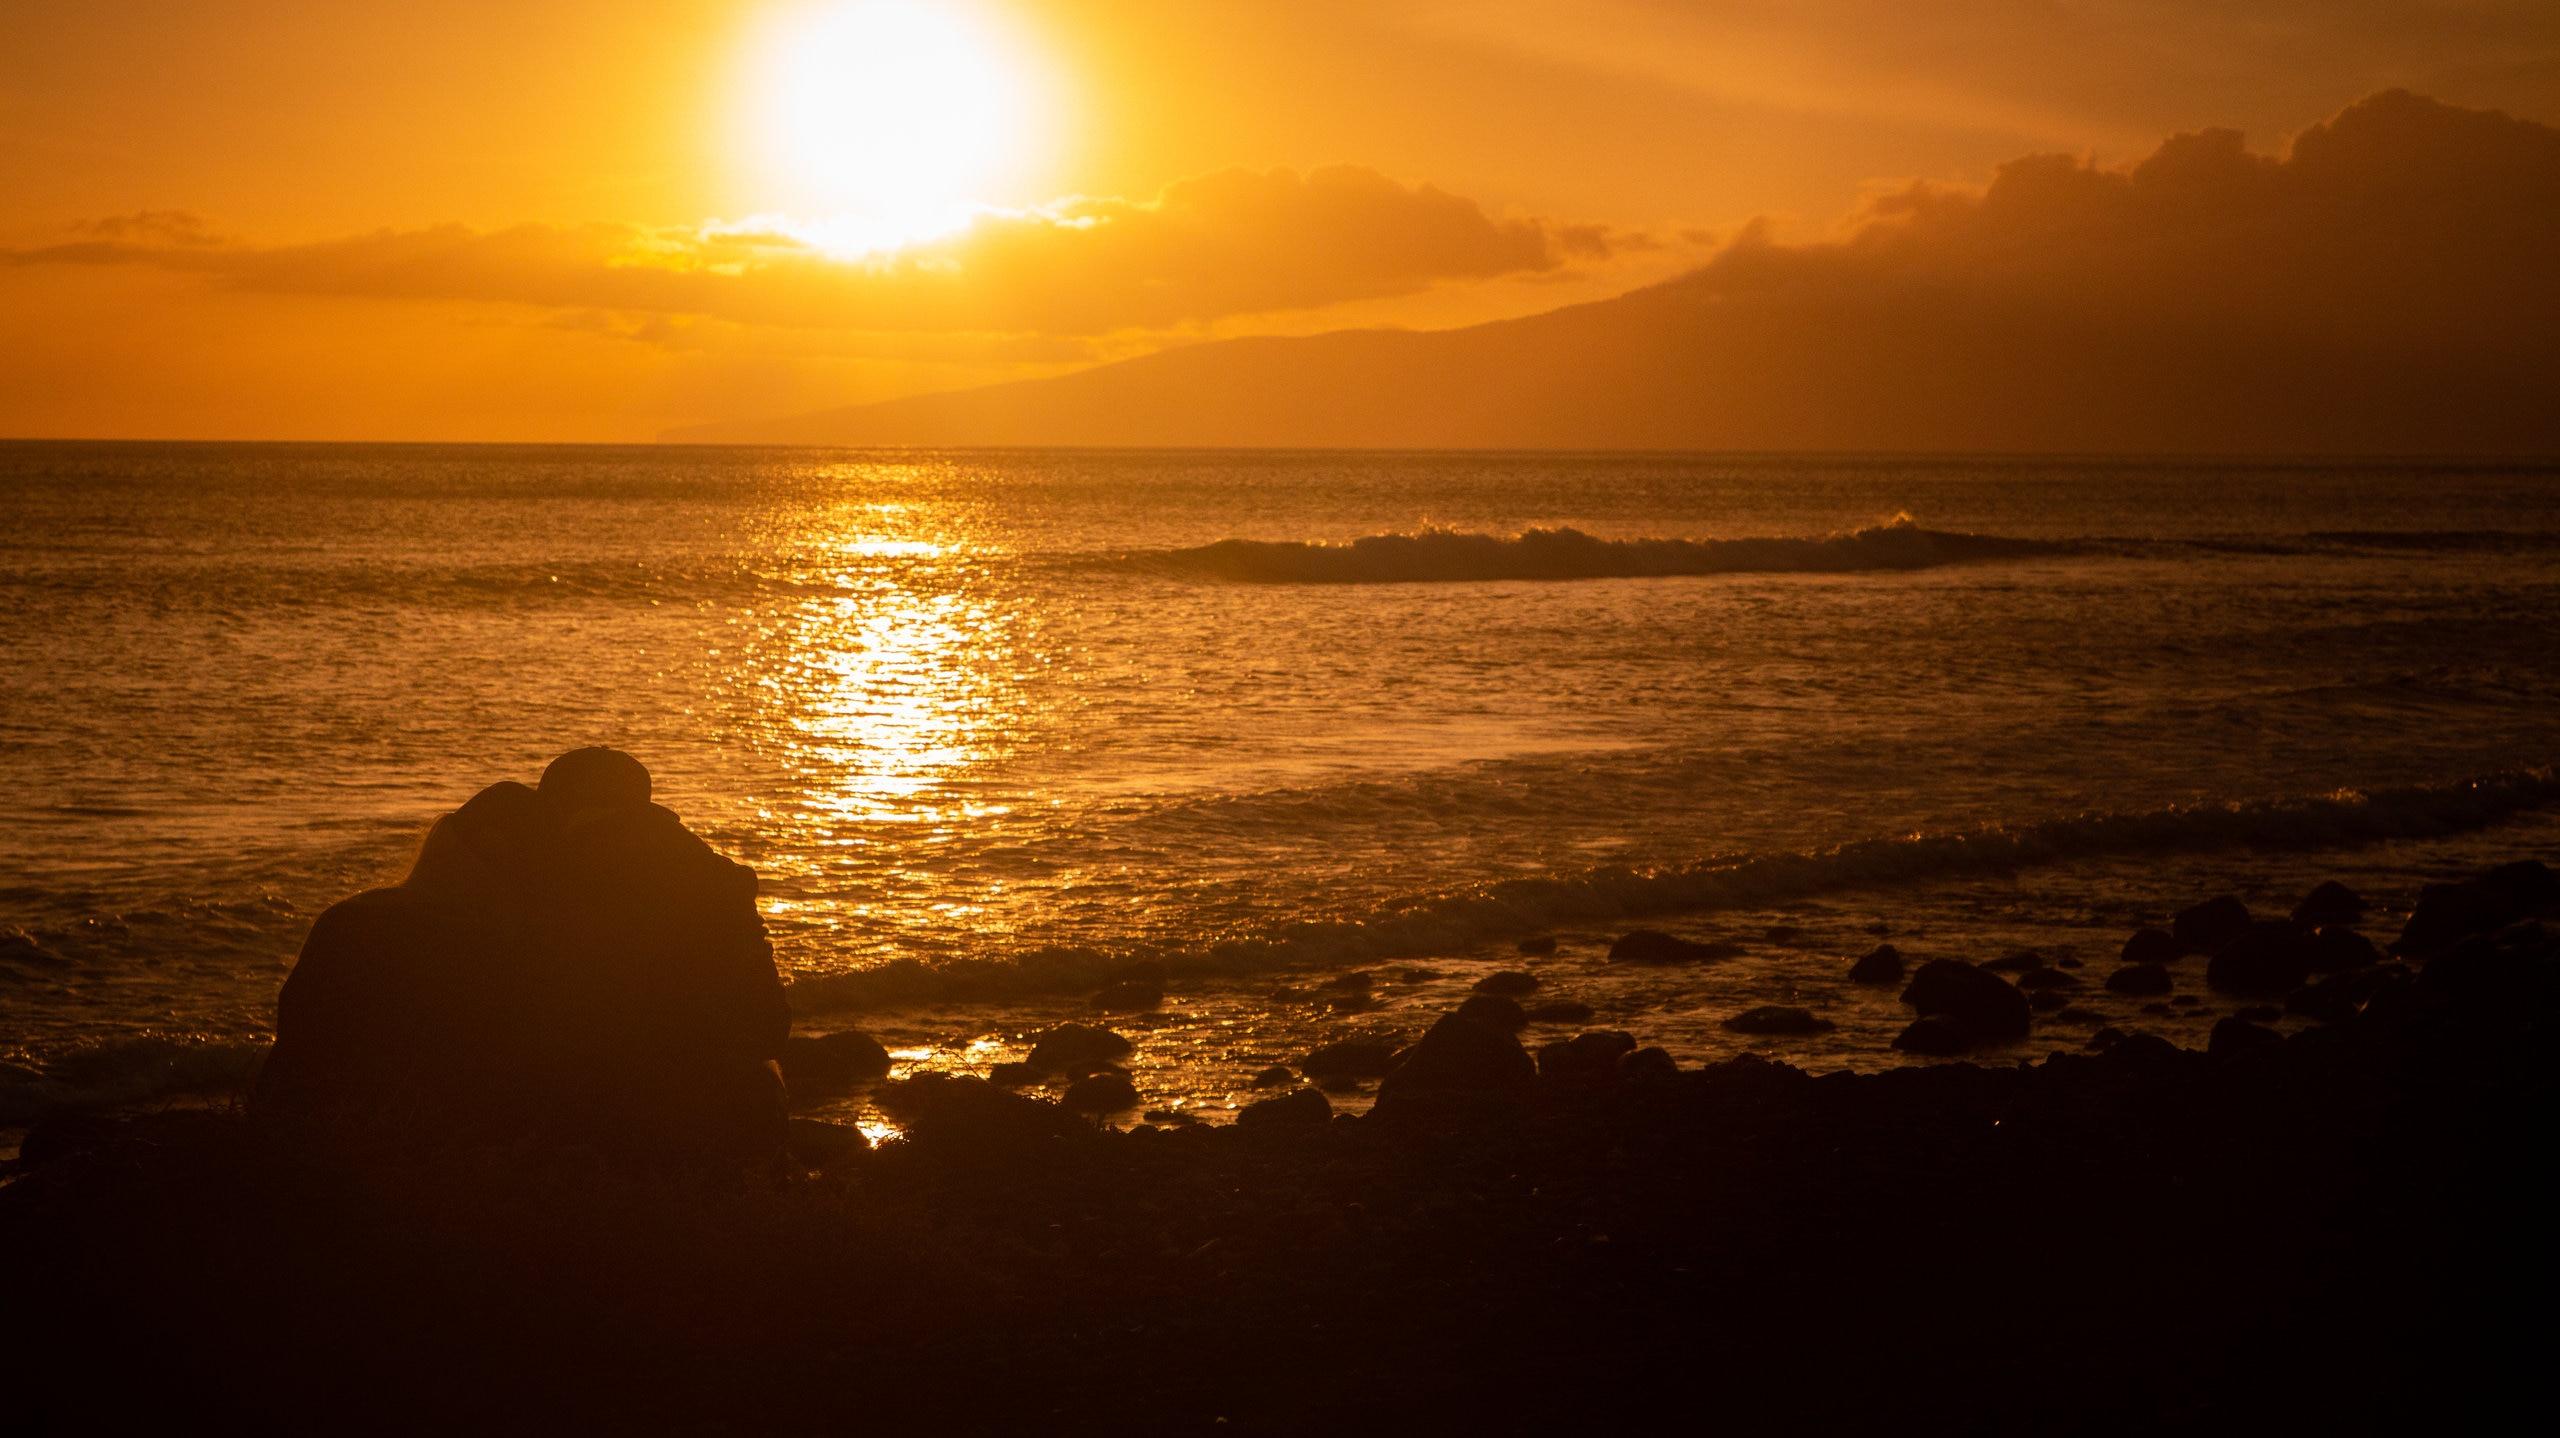 Maalaea, Hawaii, United States of America